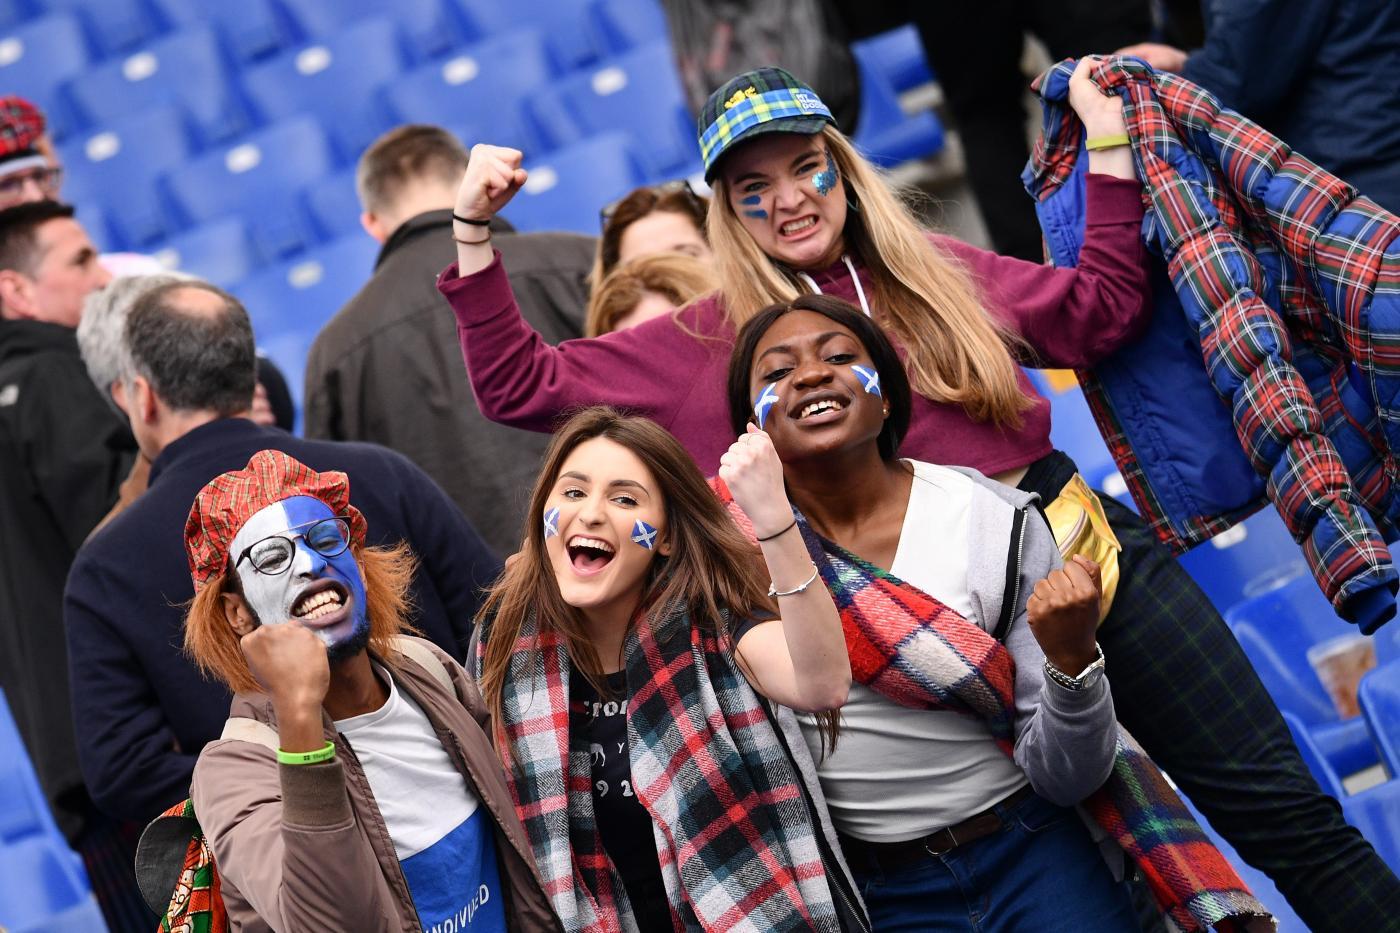 Scozia League Two, Albion Rovers-Cowdenbeath martedì 26 marzo: analisi e pronostico del recupero della 29ma giornata della quarta serie